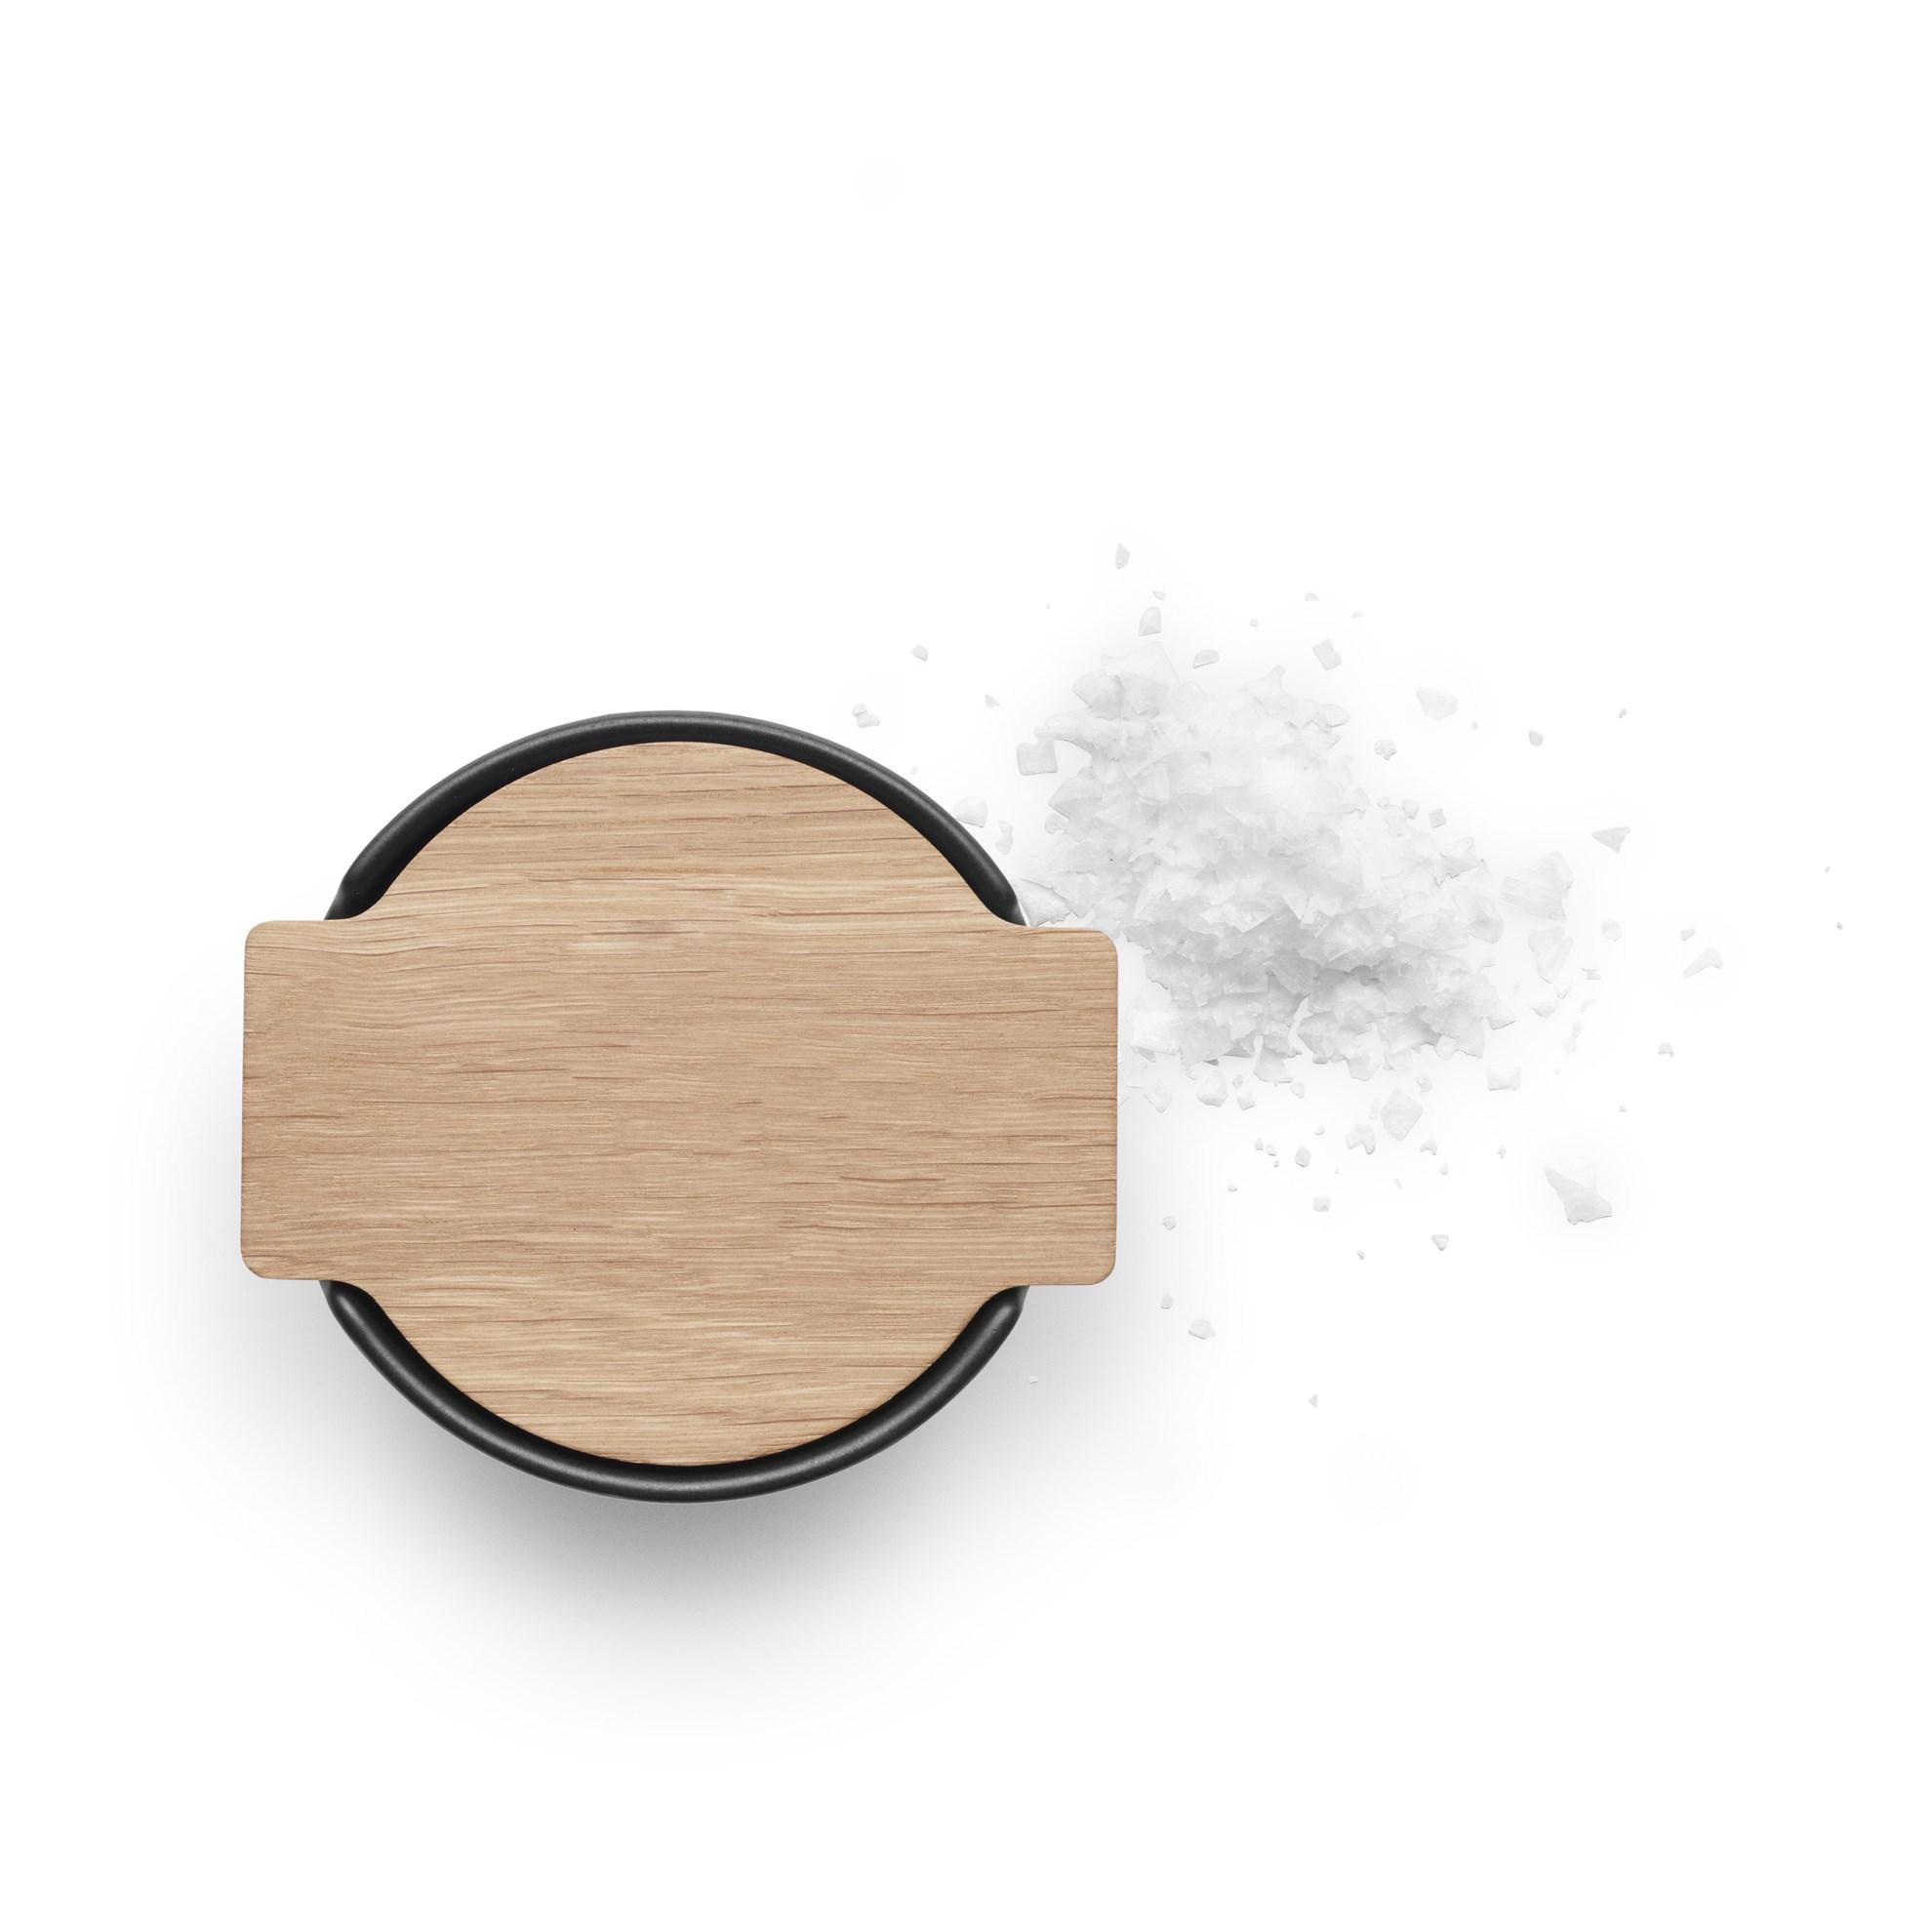 Dóza na sůl s víkem TOOLBOX černá_2